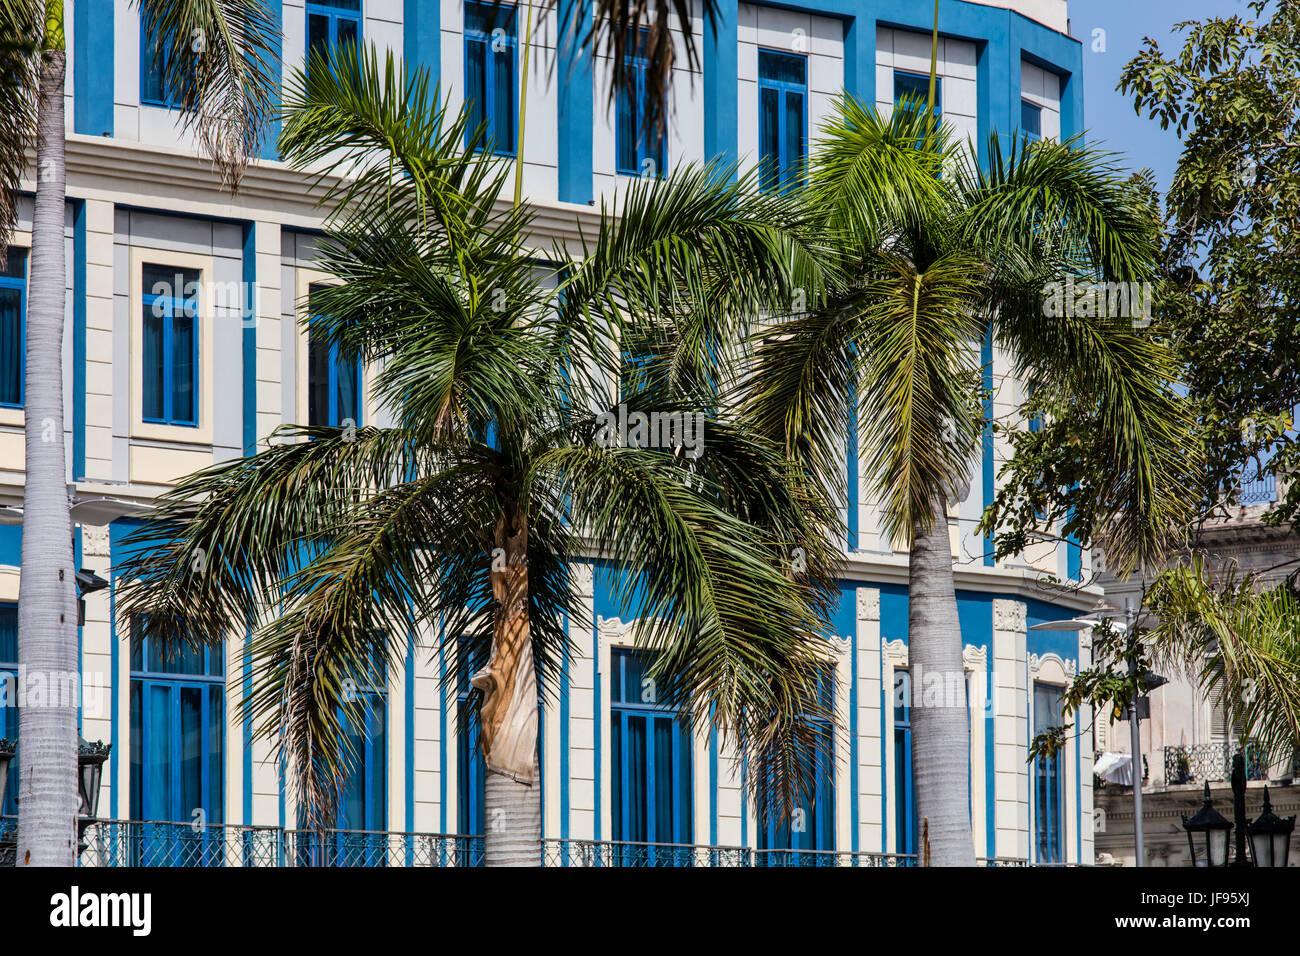 Palmiers et de l'architecture classique - LA HAVANE, CUBA Banque D'Images